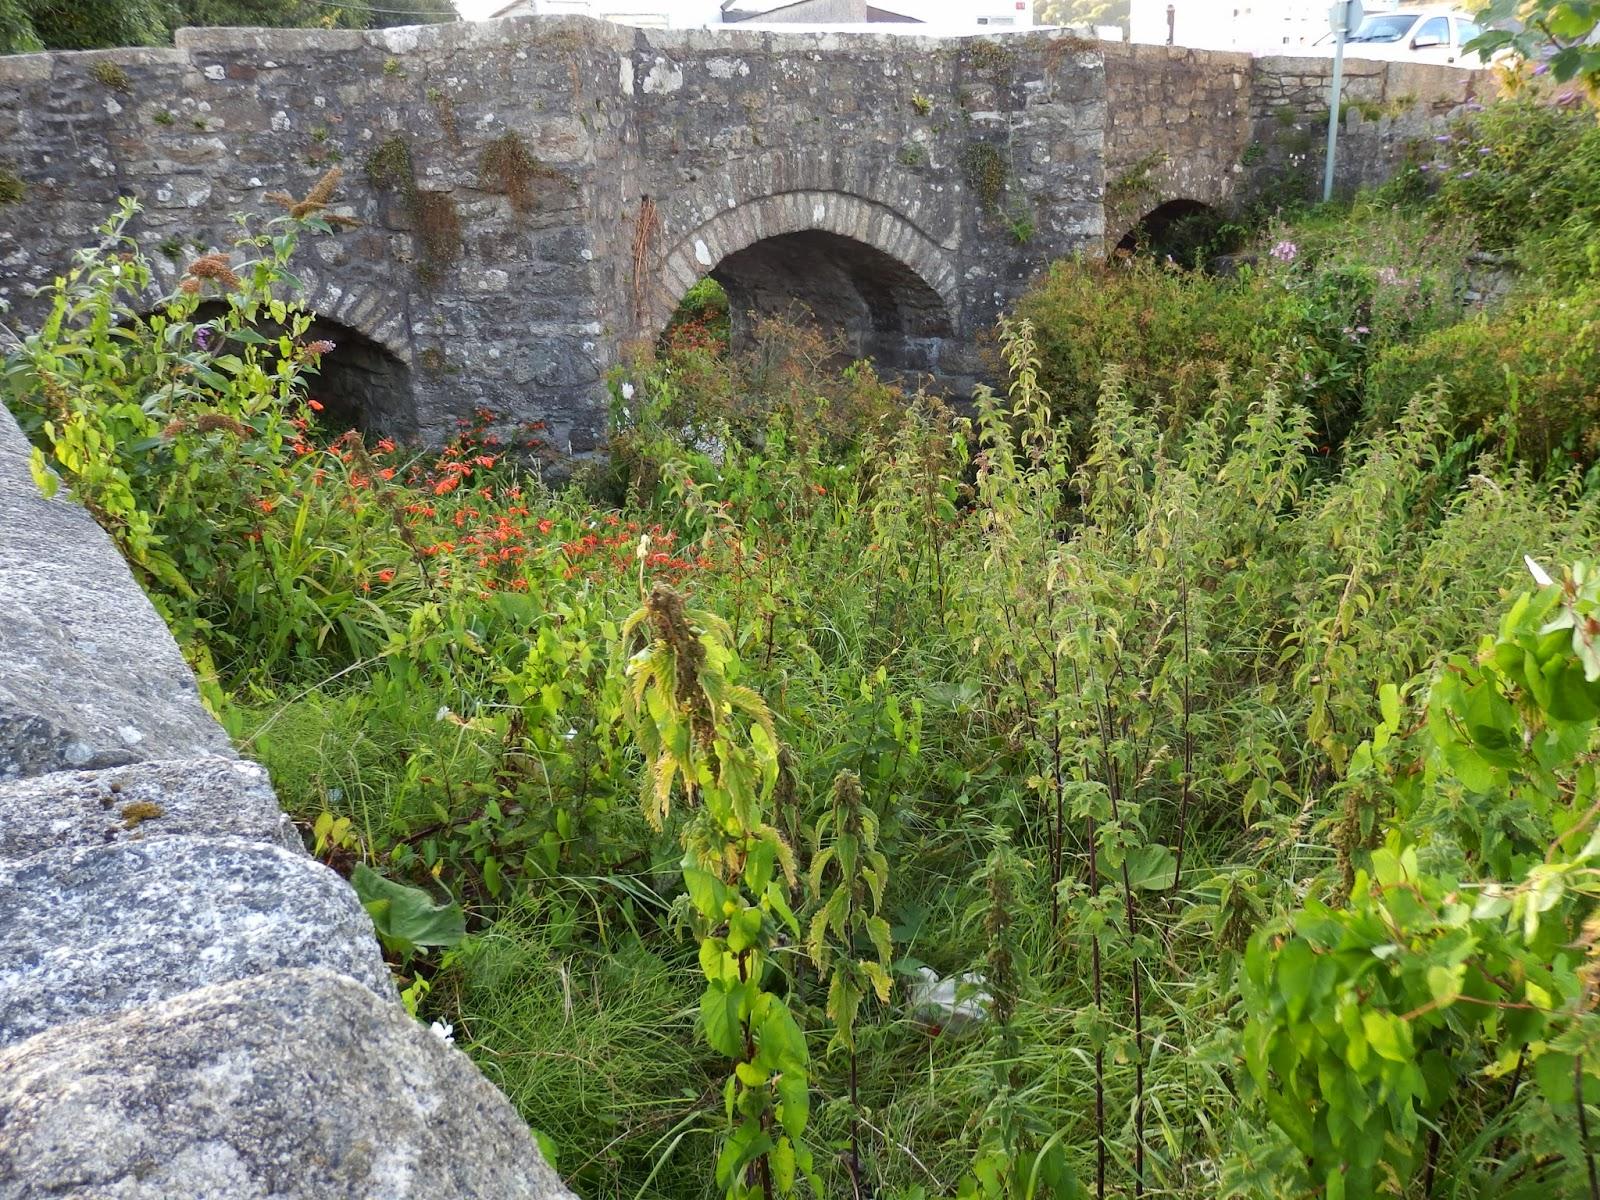 St.Austell bridge over River Vinnick, Cornwall